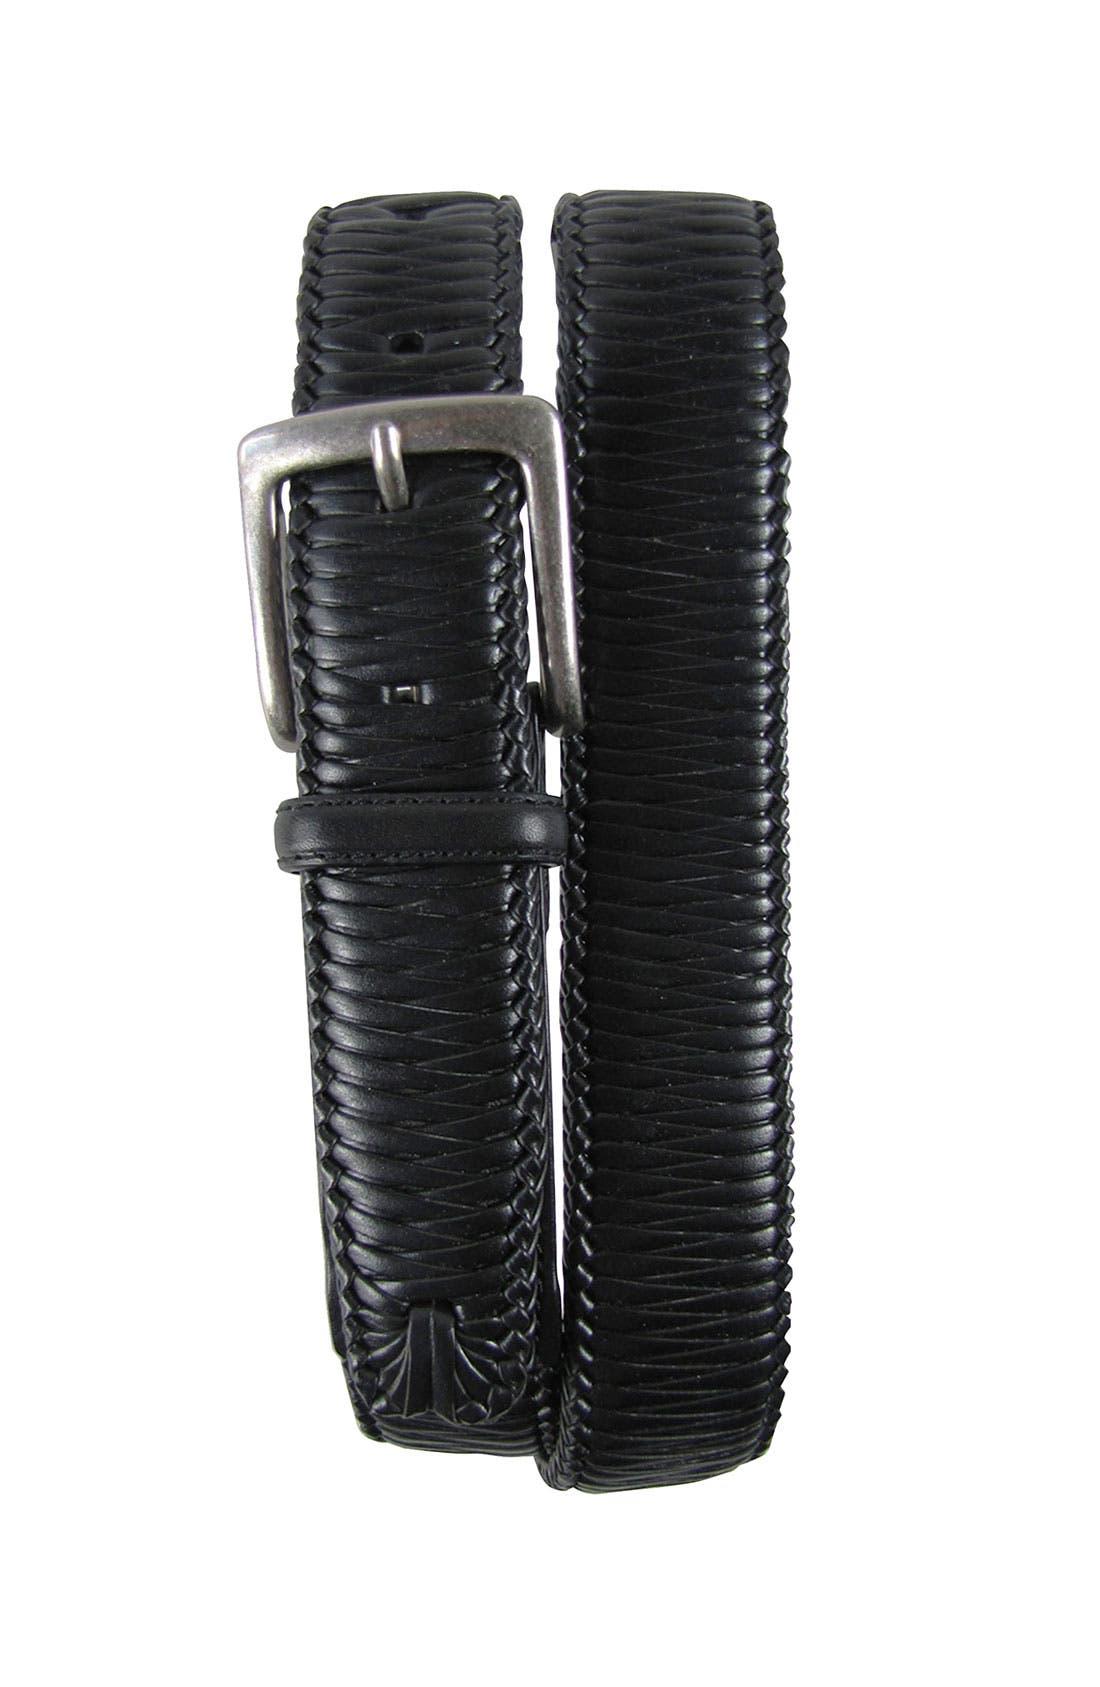 Main Image - Tommy Bahama 'Largo' Woven Leather Belt